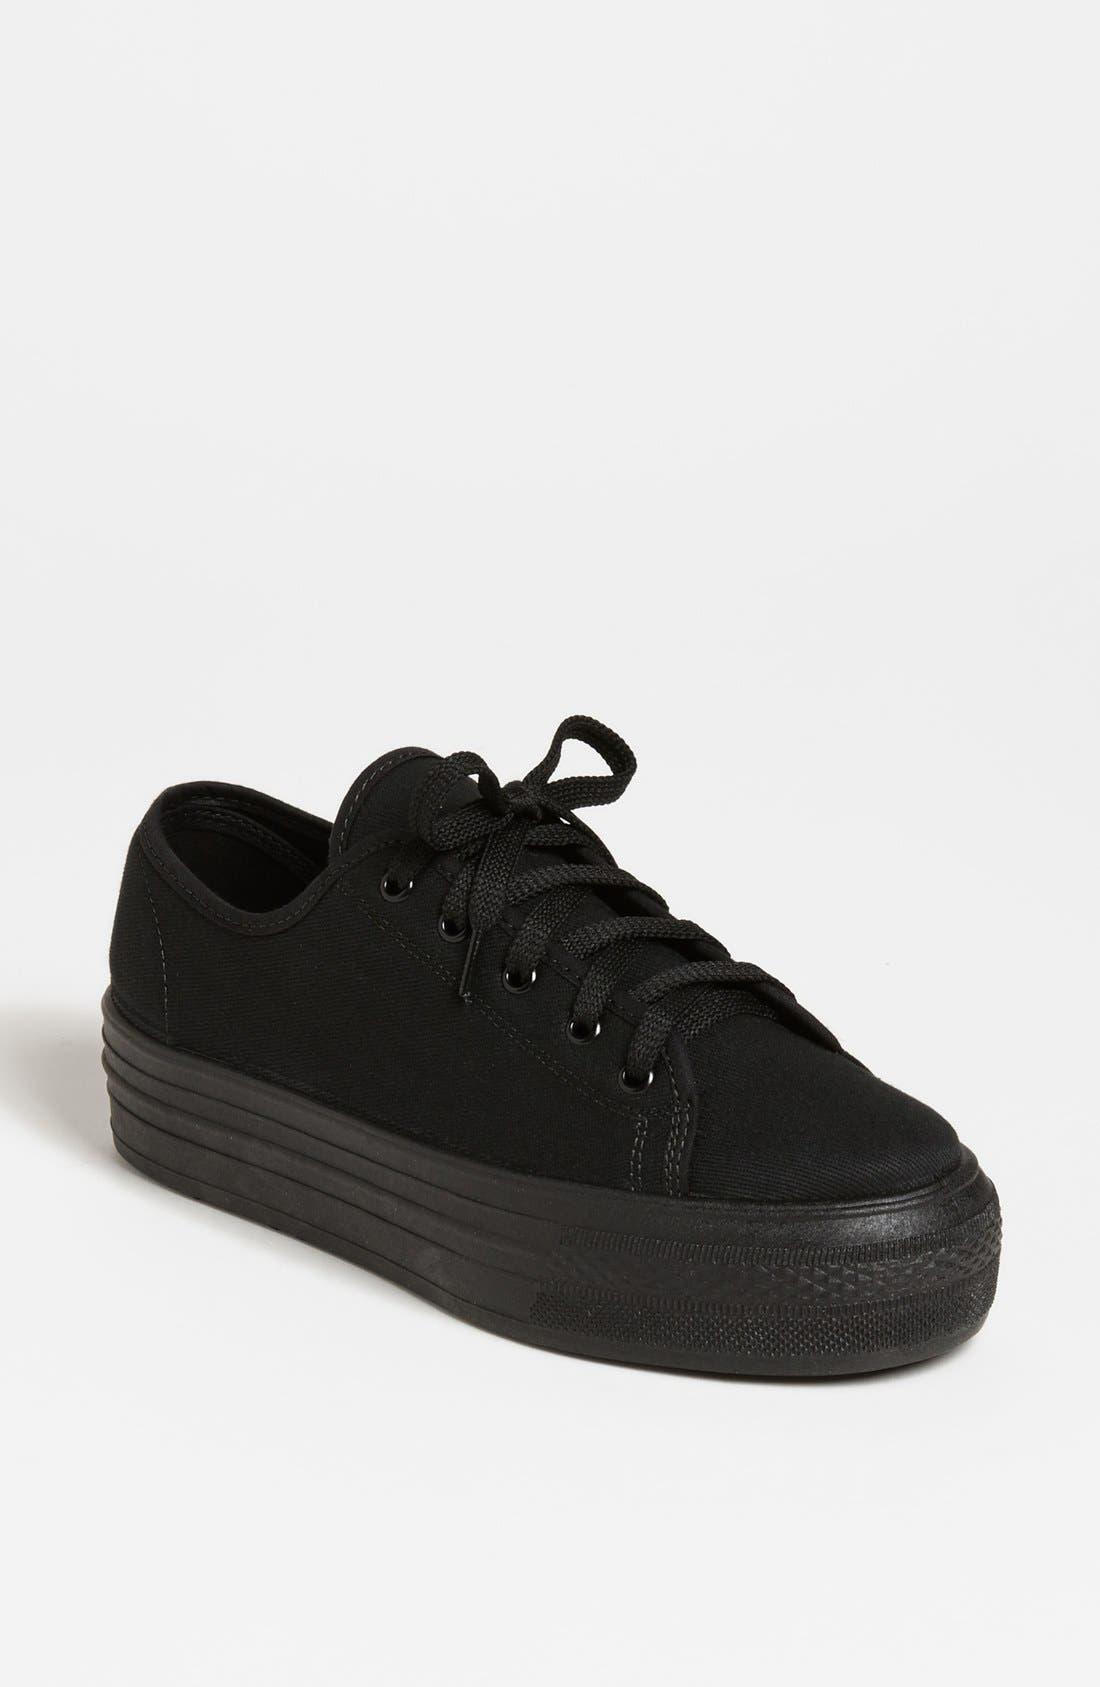 Alternate Image 1 Selected - Topshop 'Heavy' Sneaker